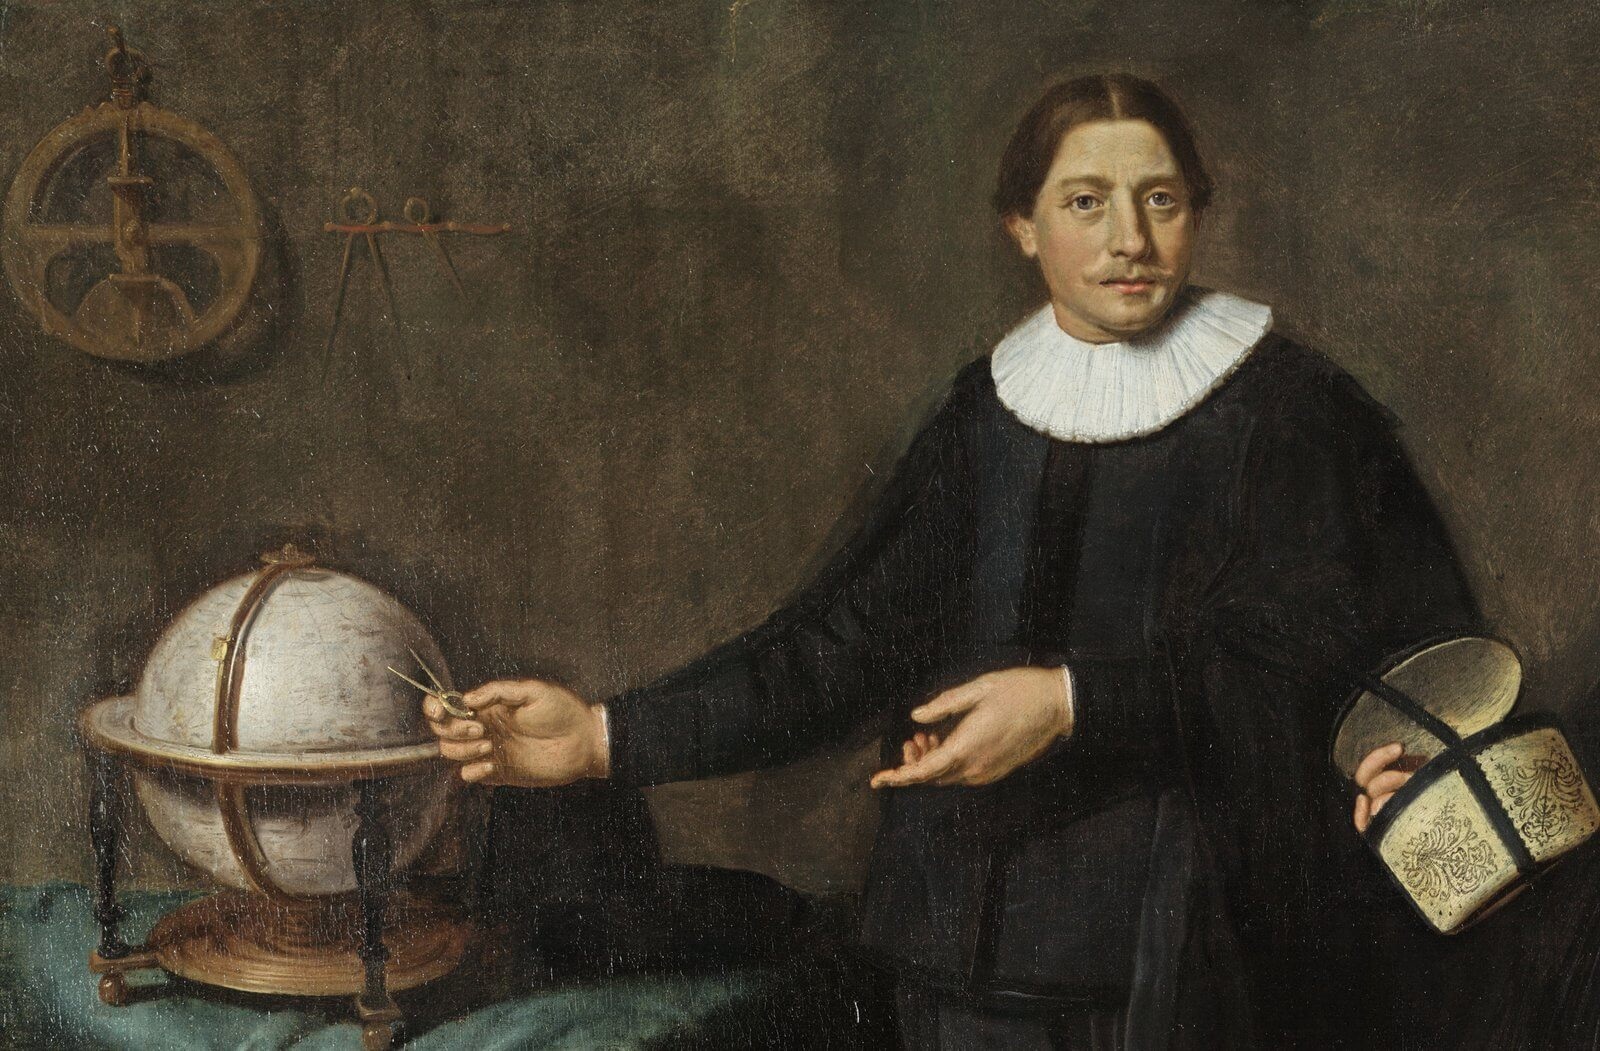 Biografía de Abel Janszoon Tasman - Navegante holandés